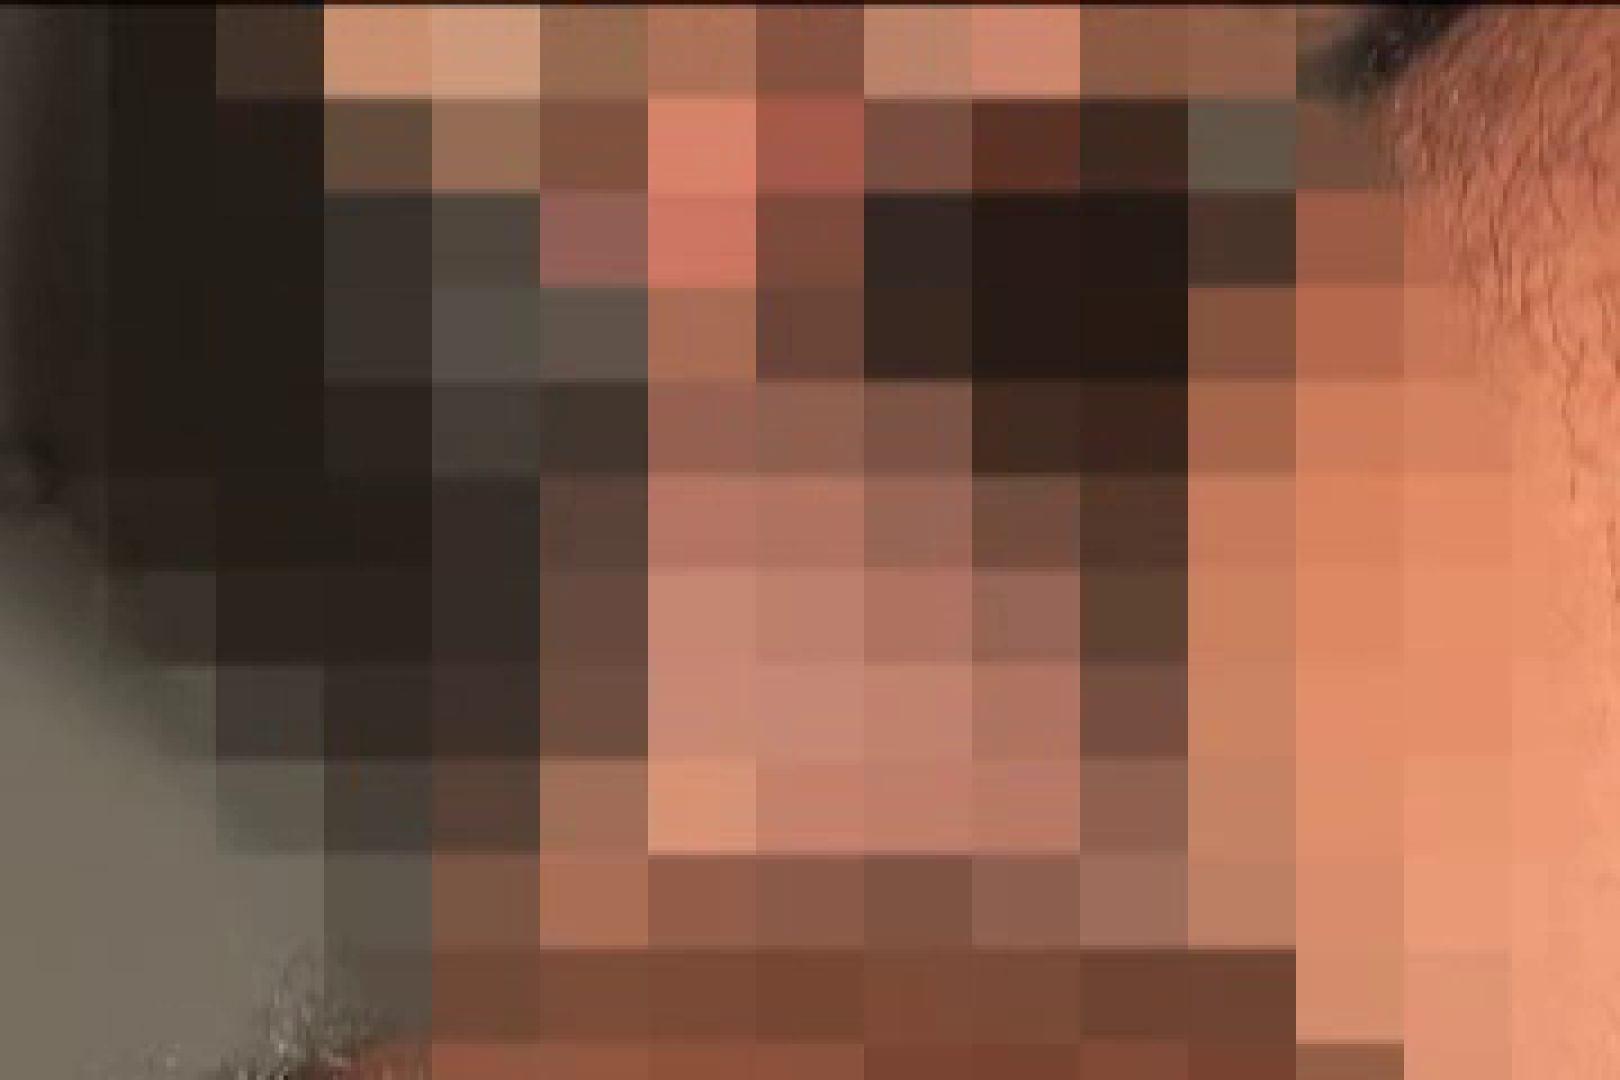 悶絶!!ケツマンFighters!! Part.04 ディープキス ゲイ無修正動画画像 79pic 55